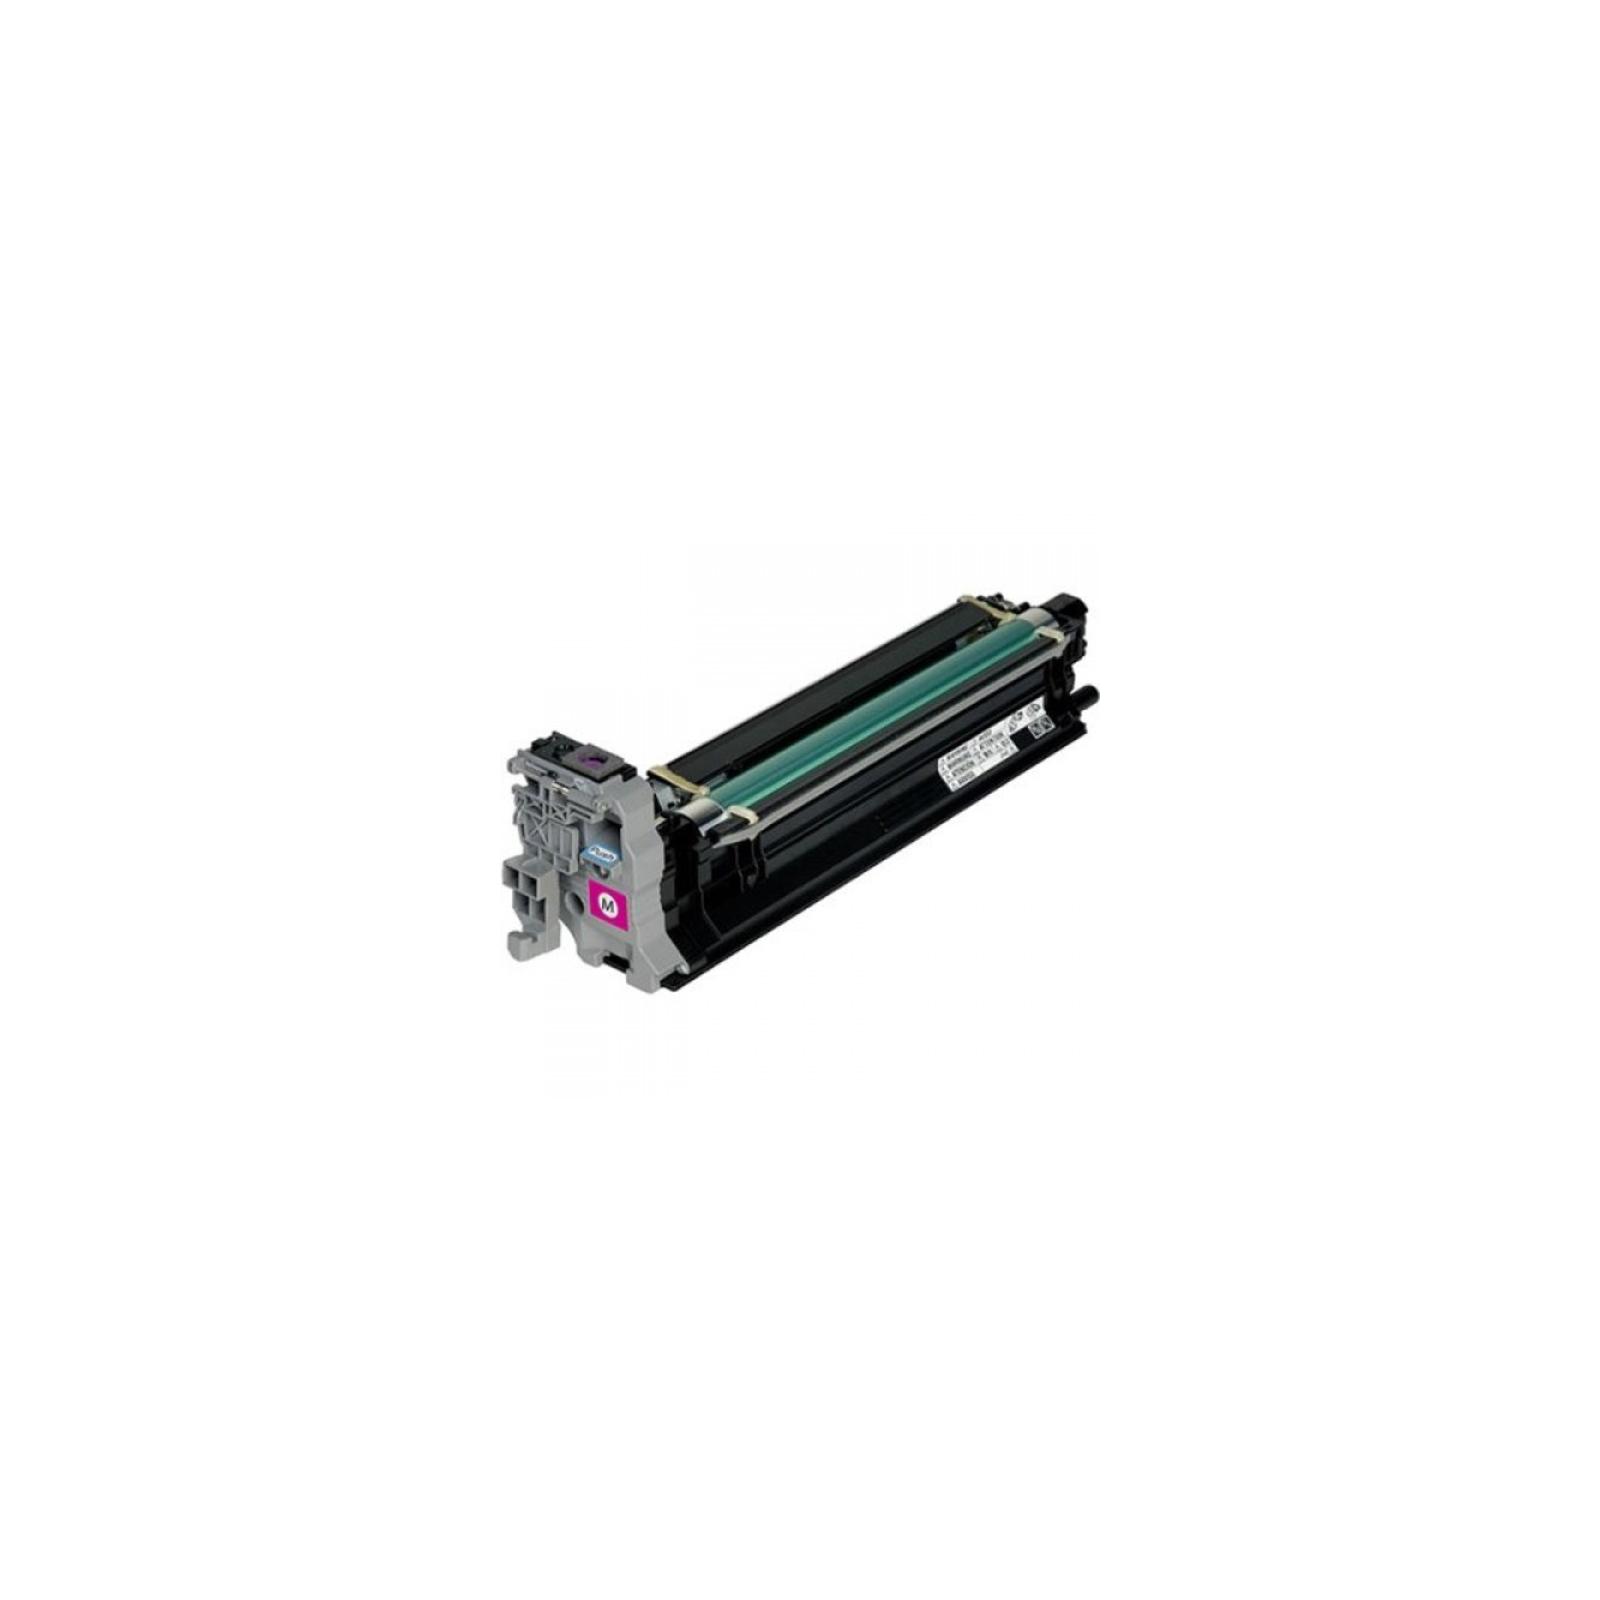 Модуль формирования изображения KONICA MINOLTA MC46x/55x print unit Magenta (30K) (A0310AH) изображение 2